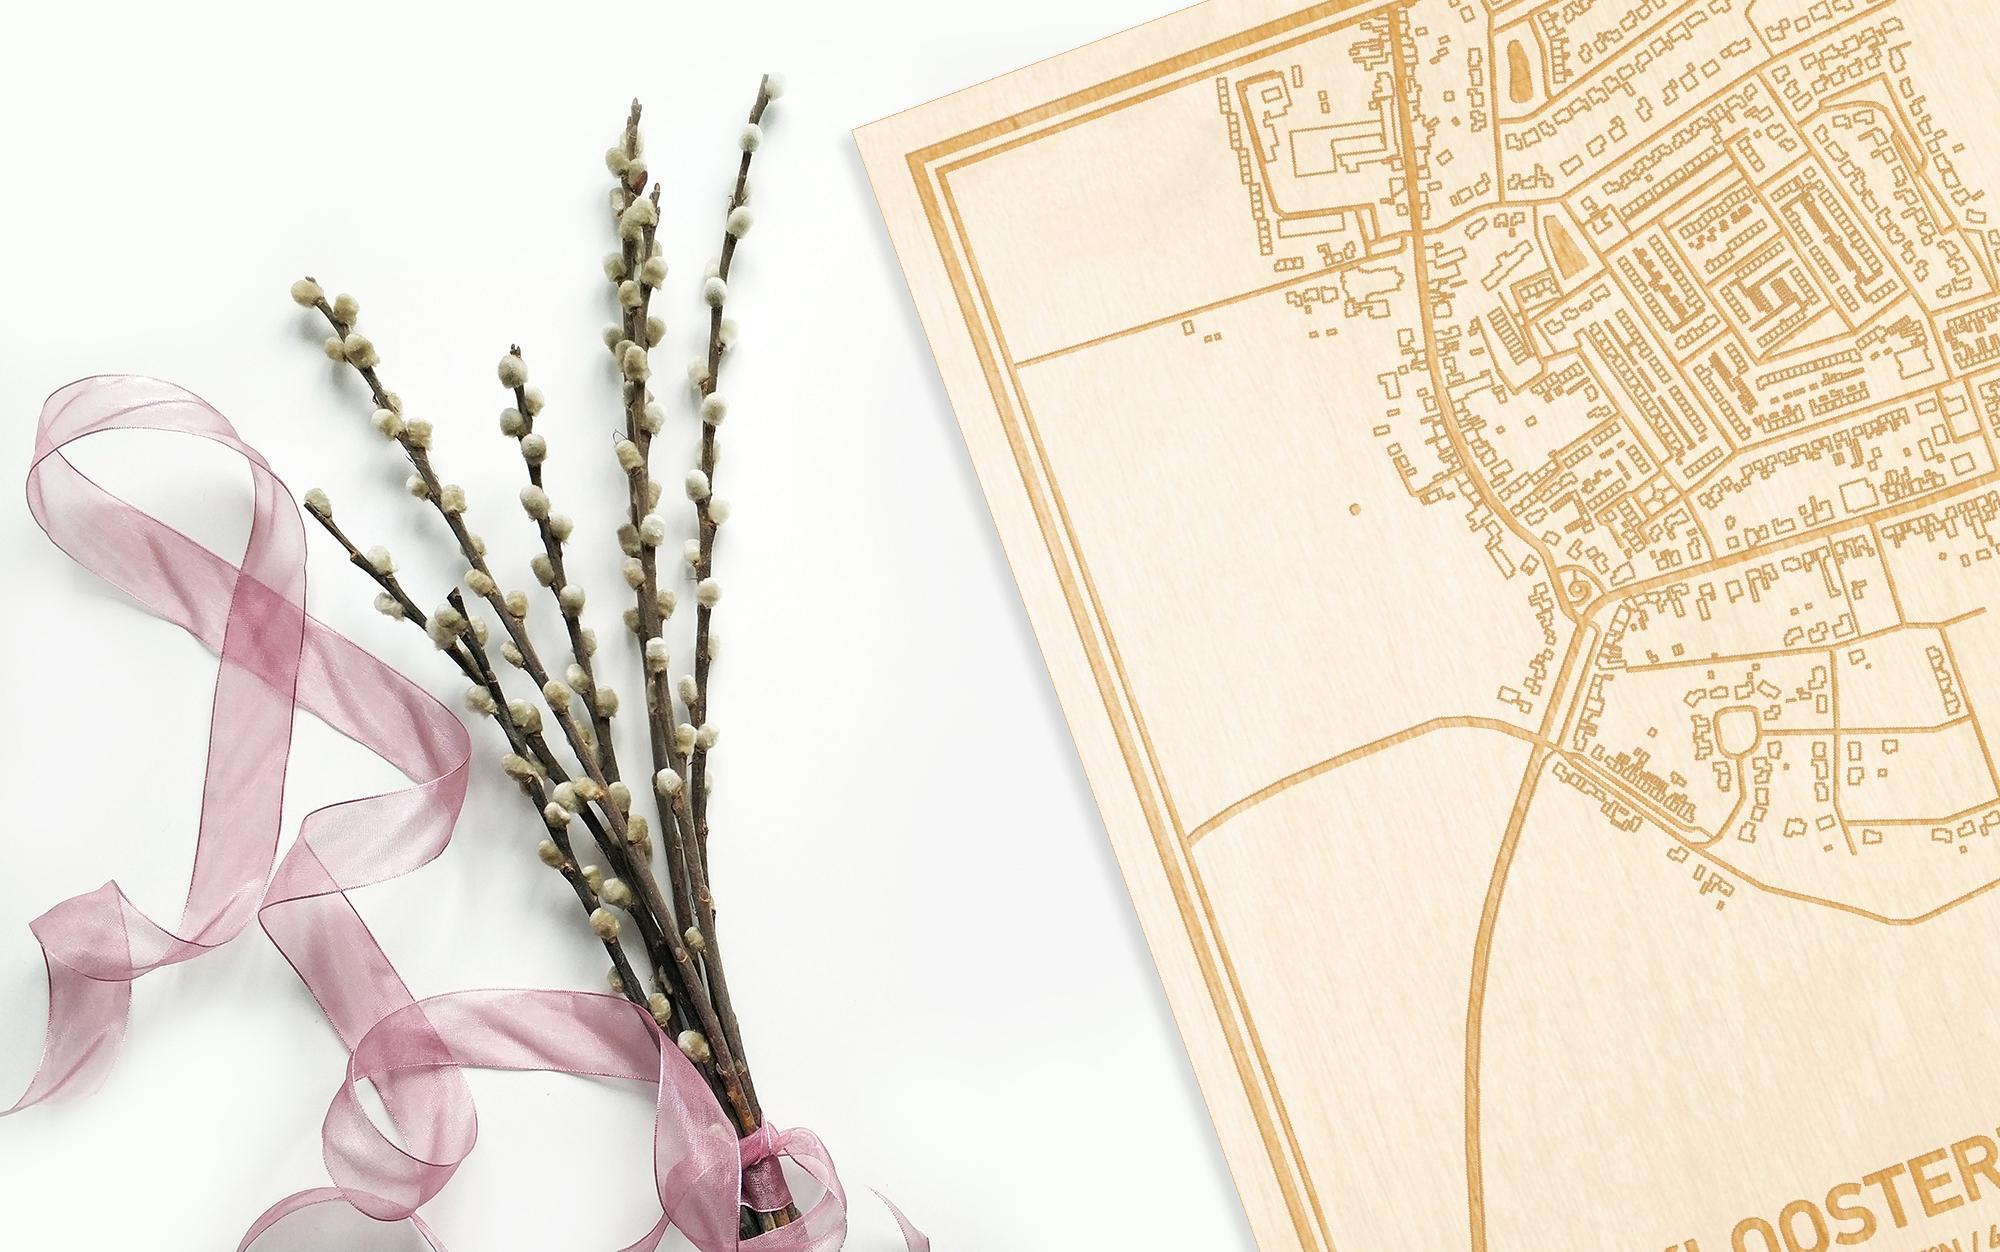 Hier ligt de houten plattegrond Kloosterzande naast een bloemetje als gepersonaliseerd cadeau voor haar.